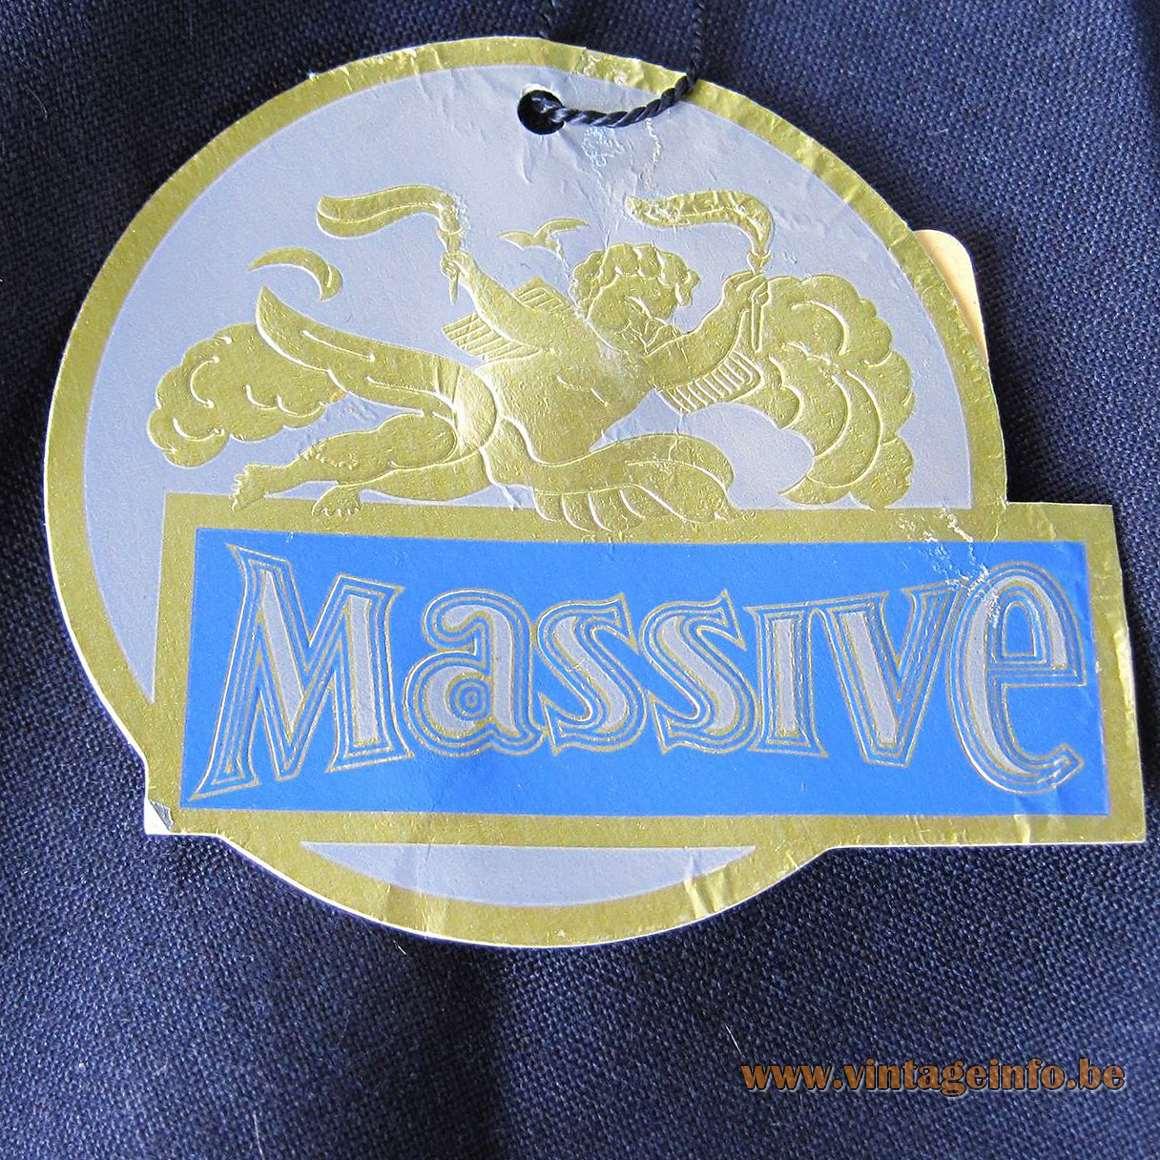 Massive Belgium Label